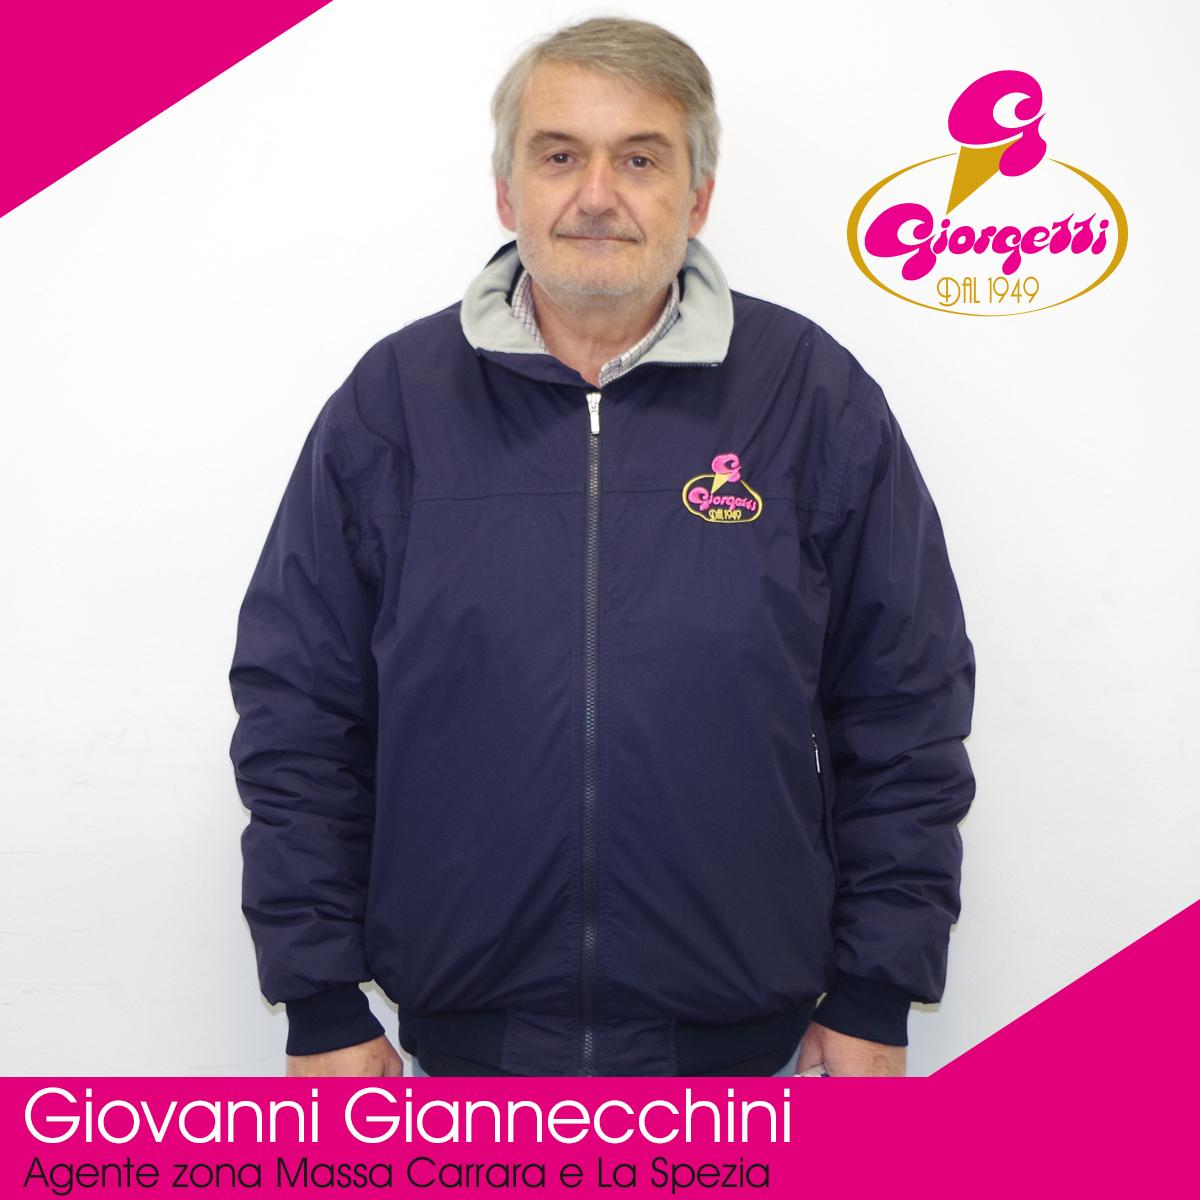 Giovanni Giannecchini